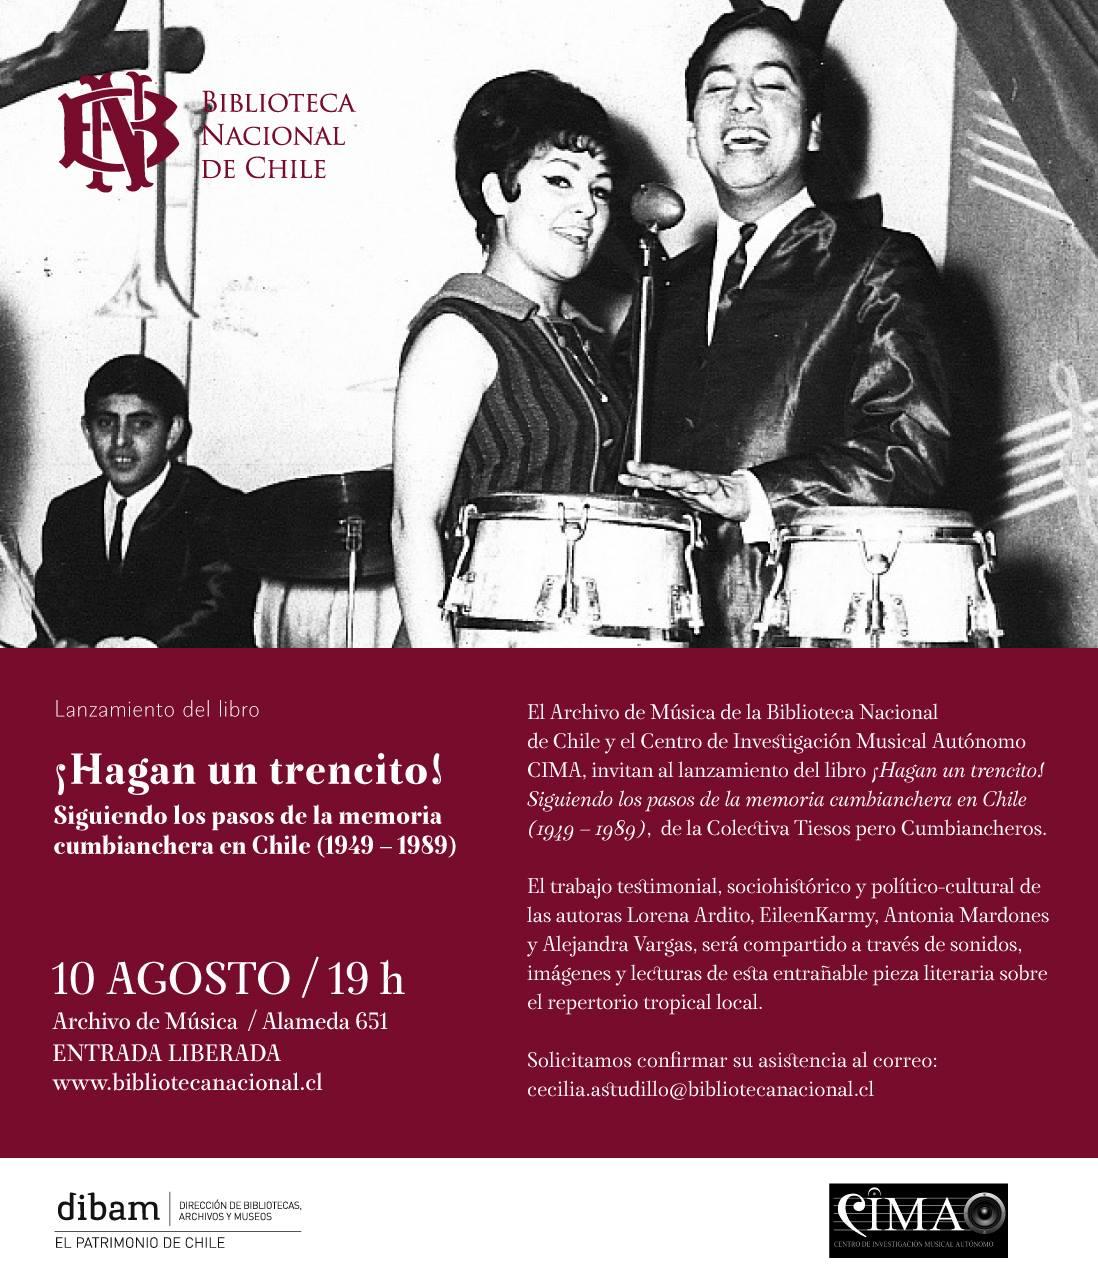 Afiche Presentación del Libro en el Archivo de Música